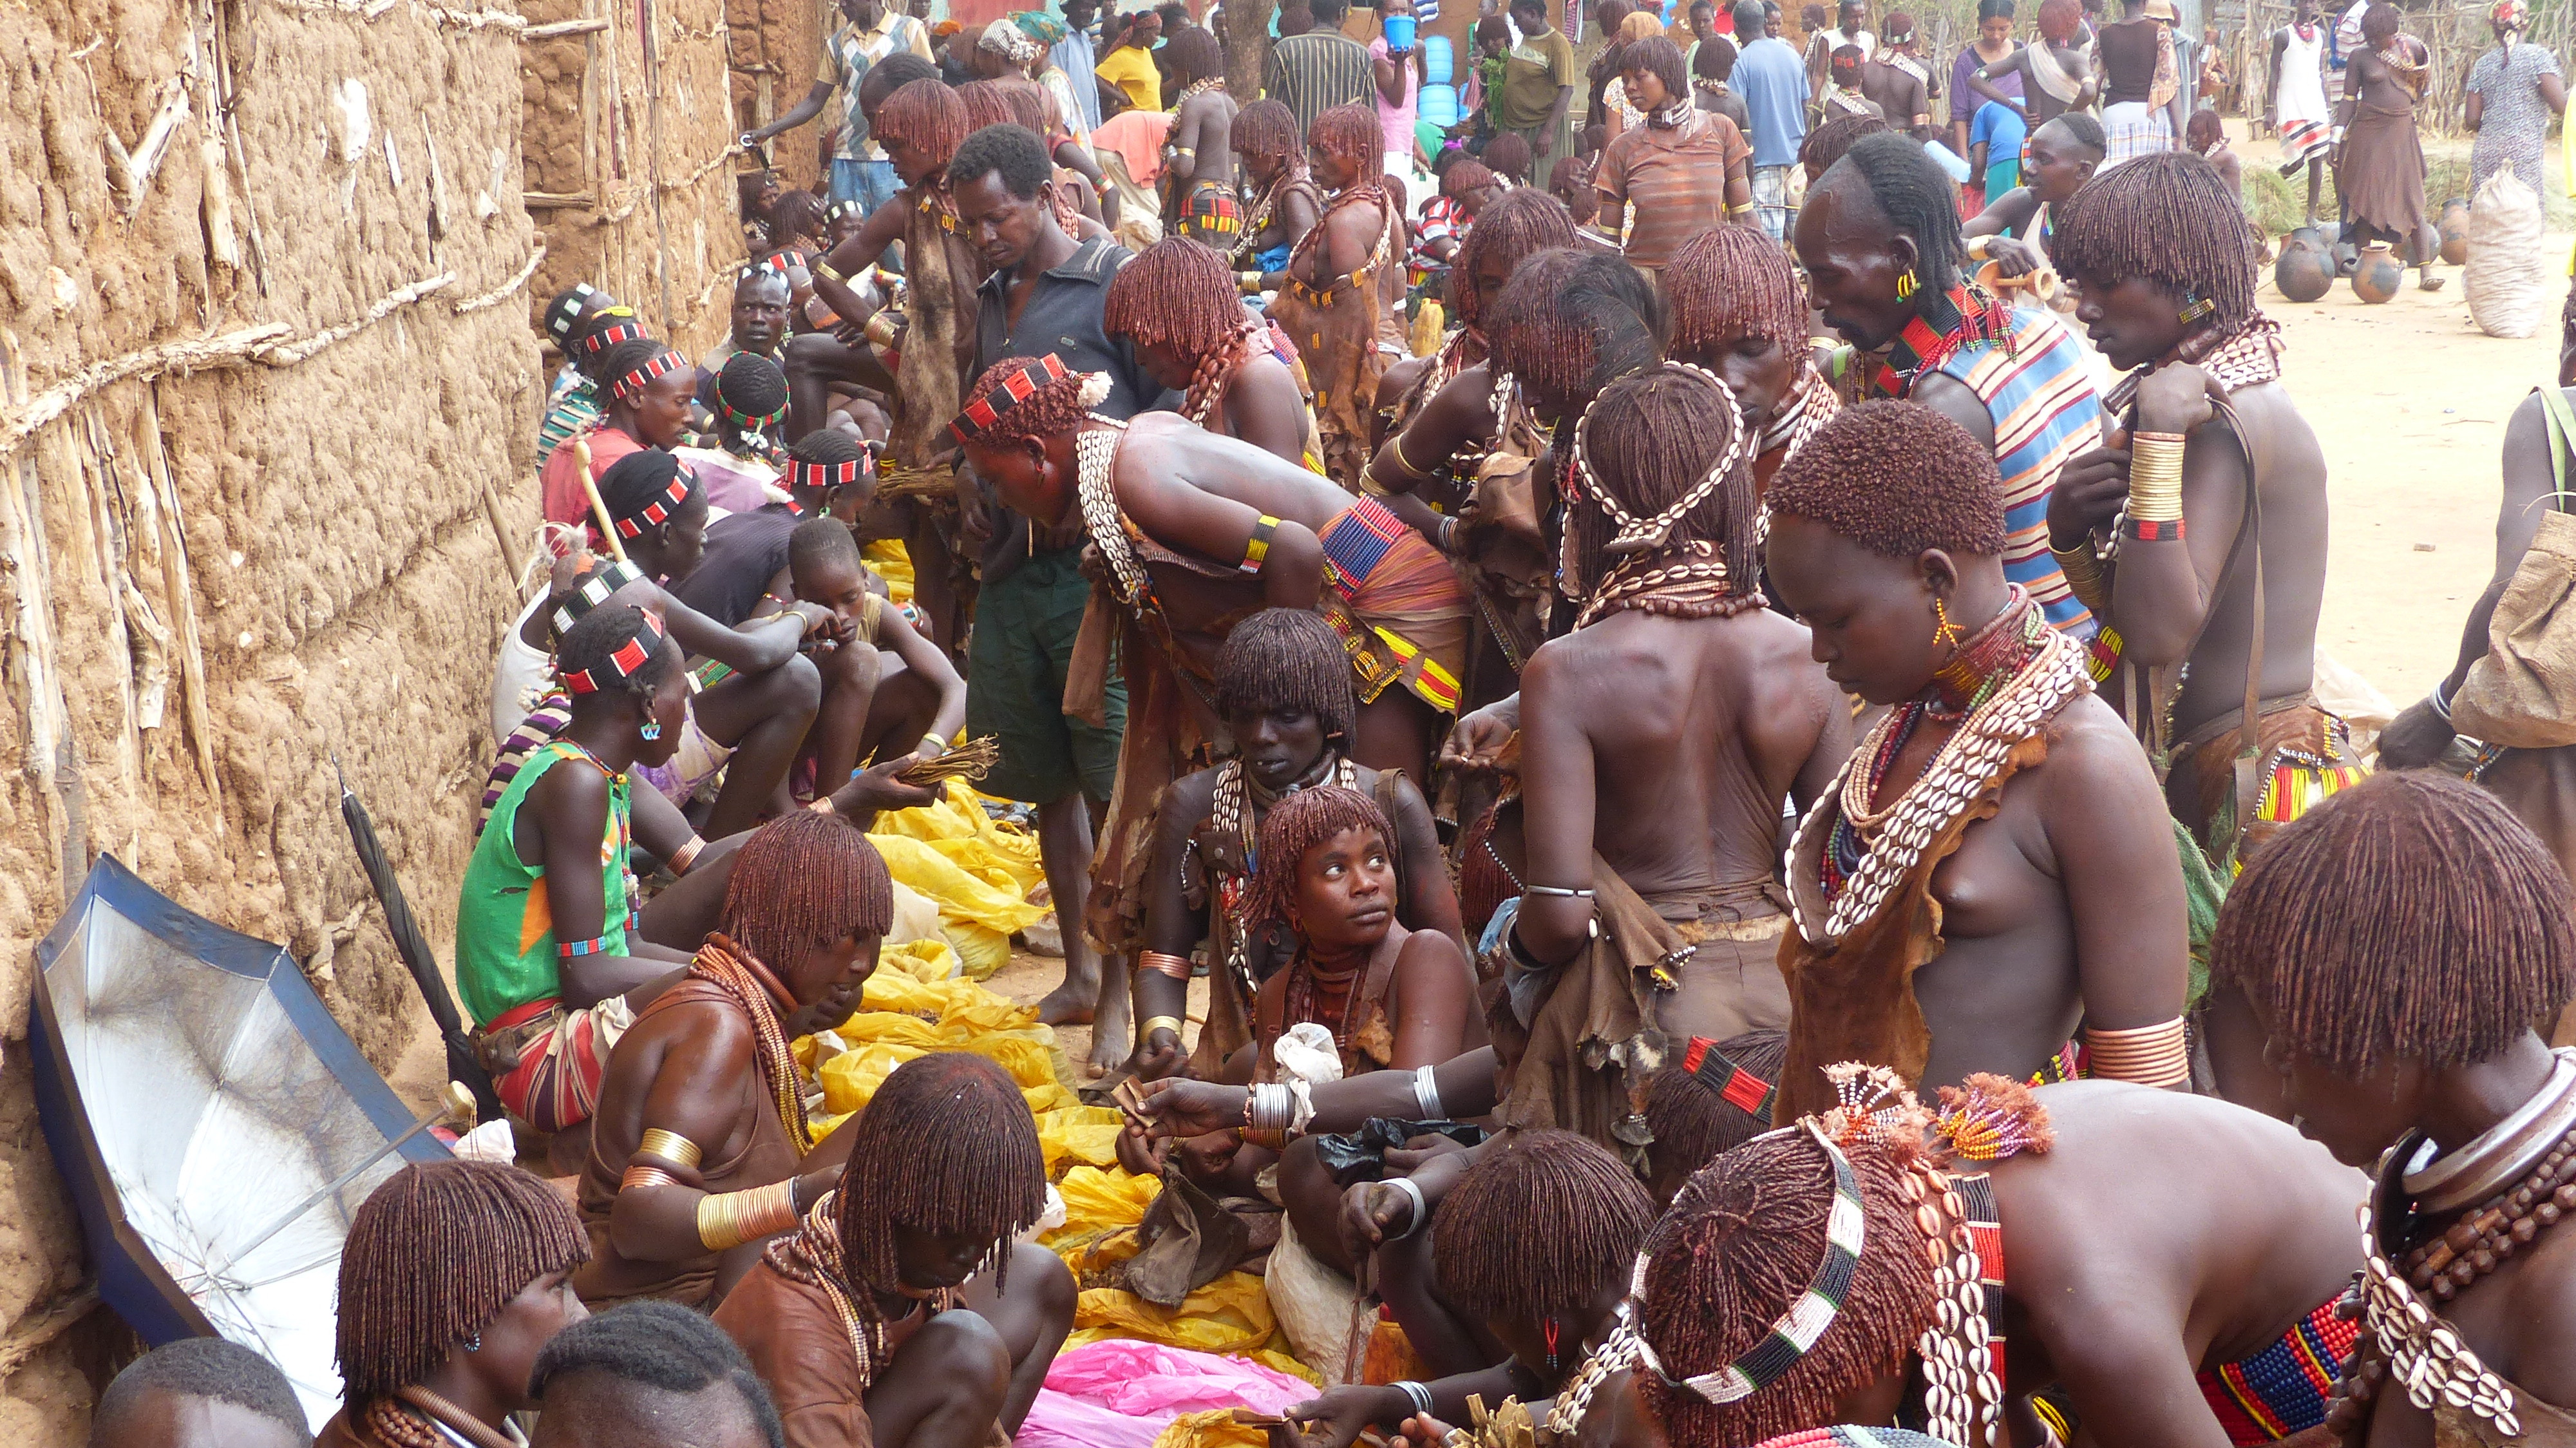 Markttreiben in Südäthiopien